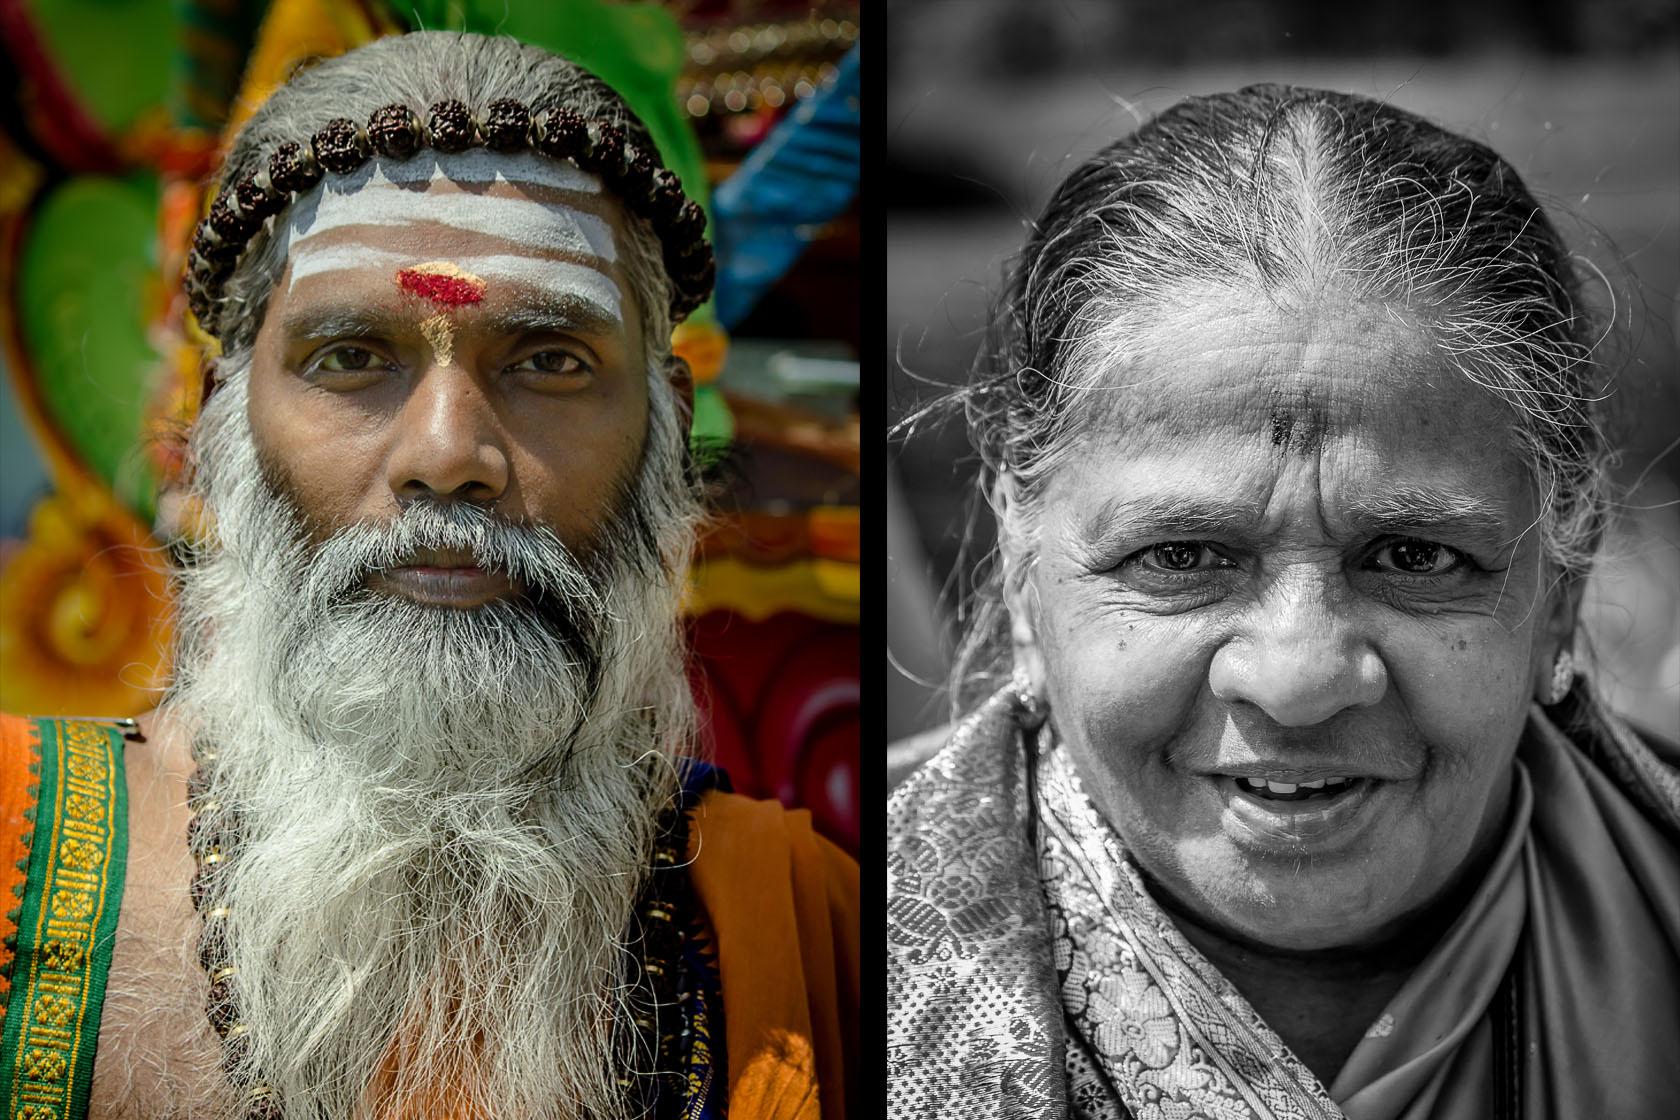 Mensch_Hindu